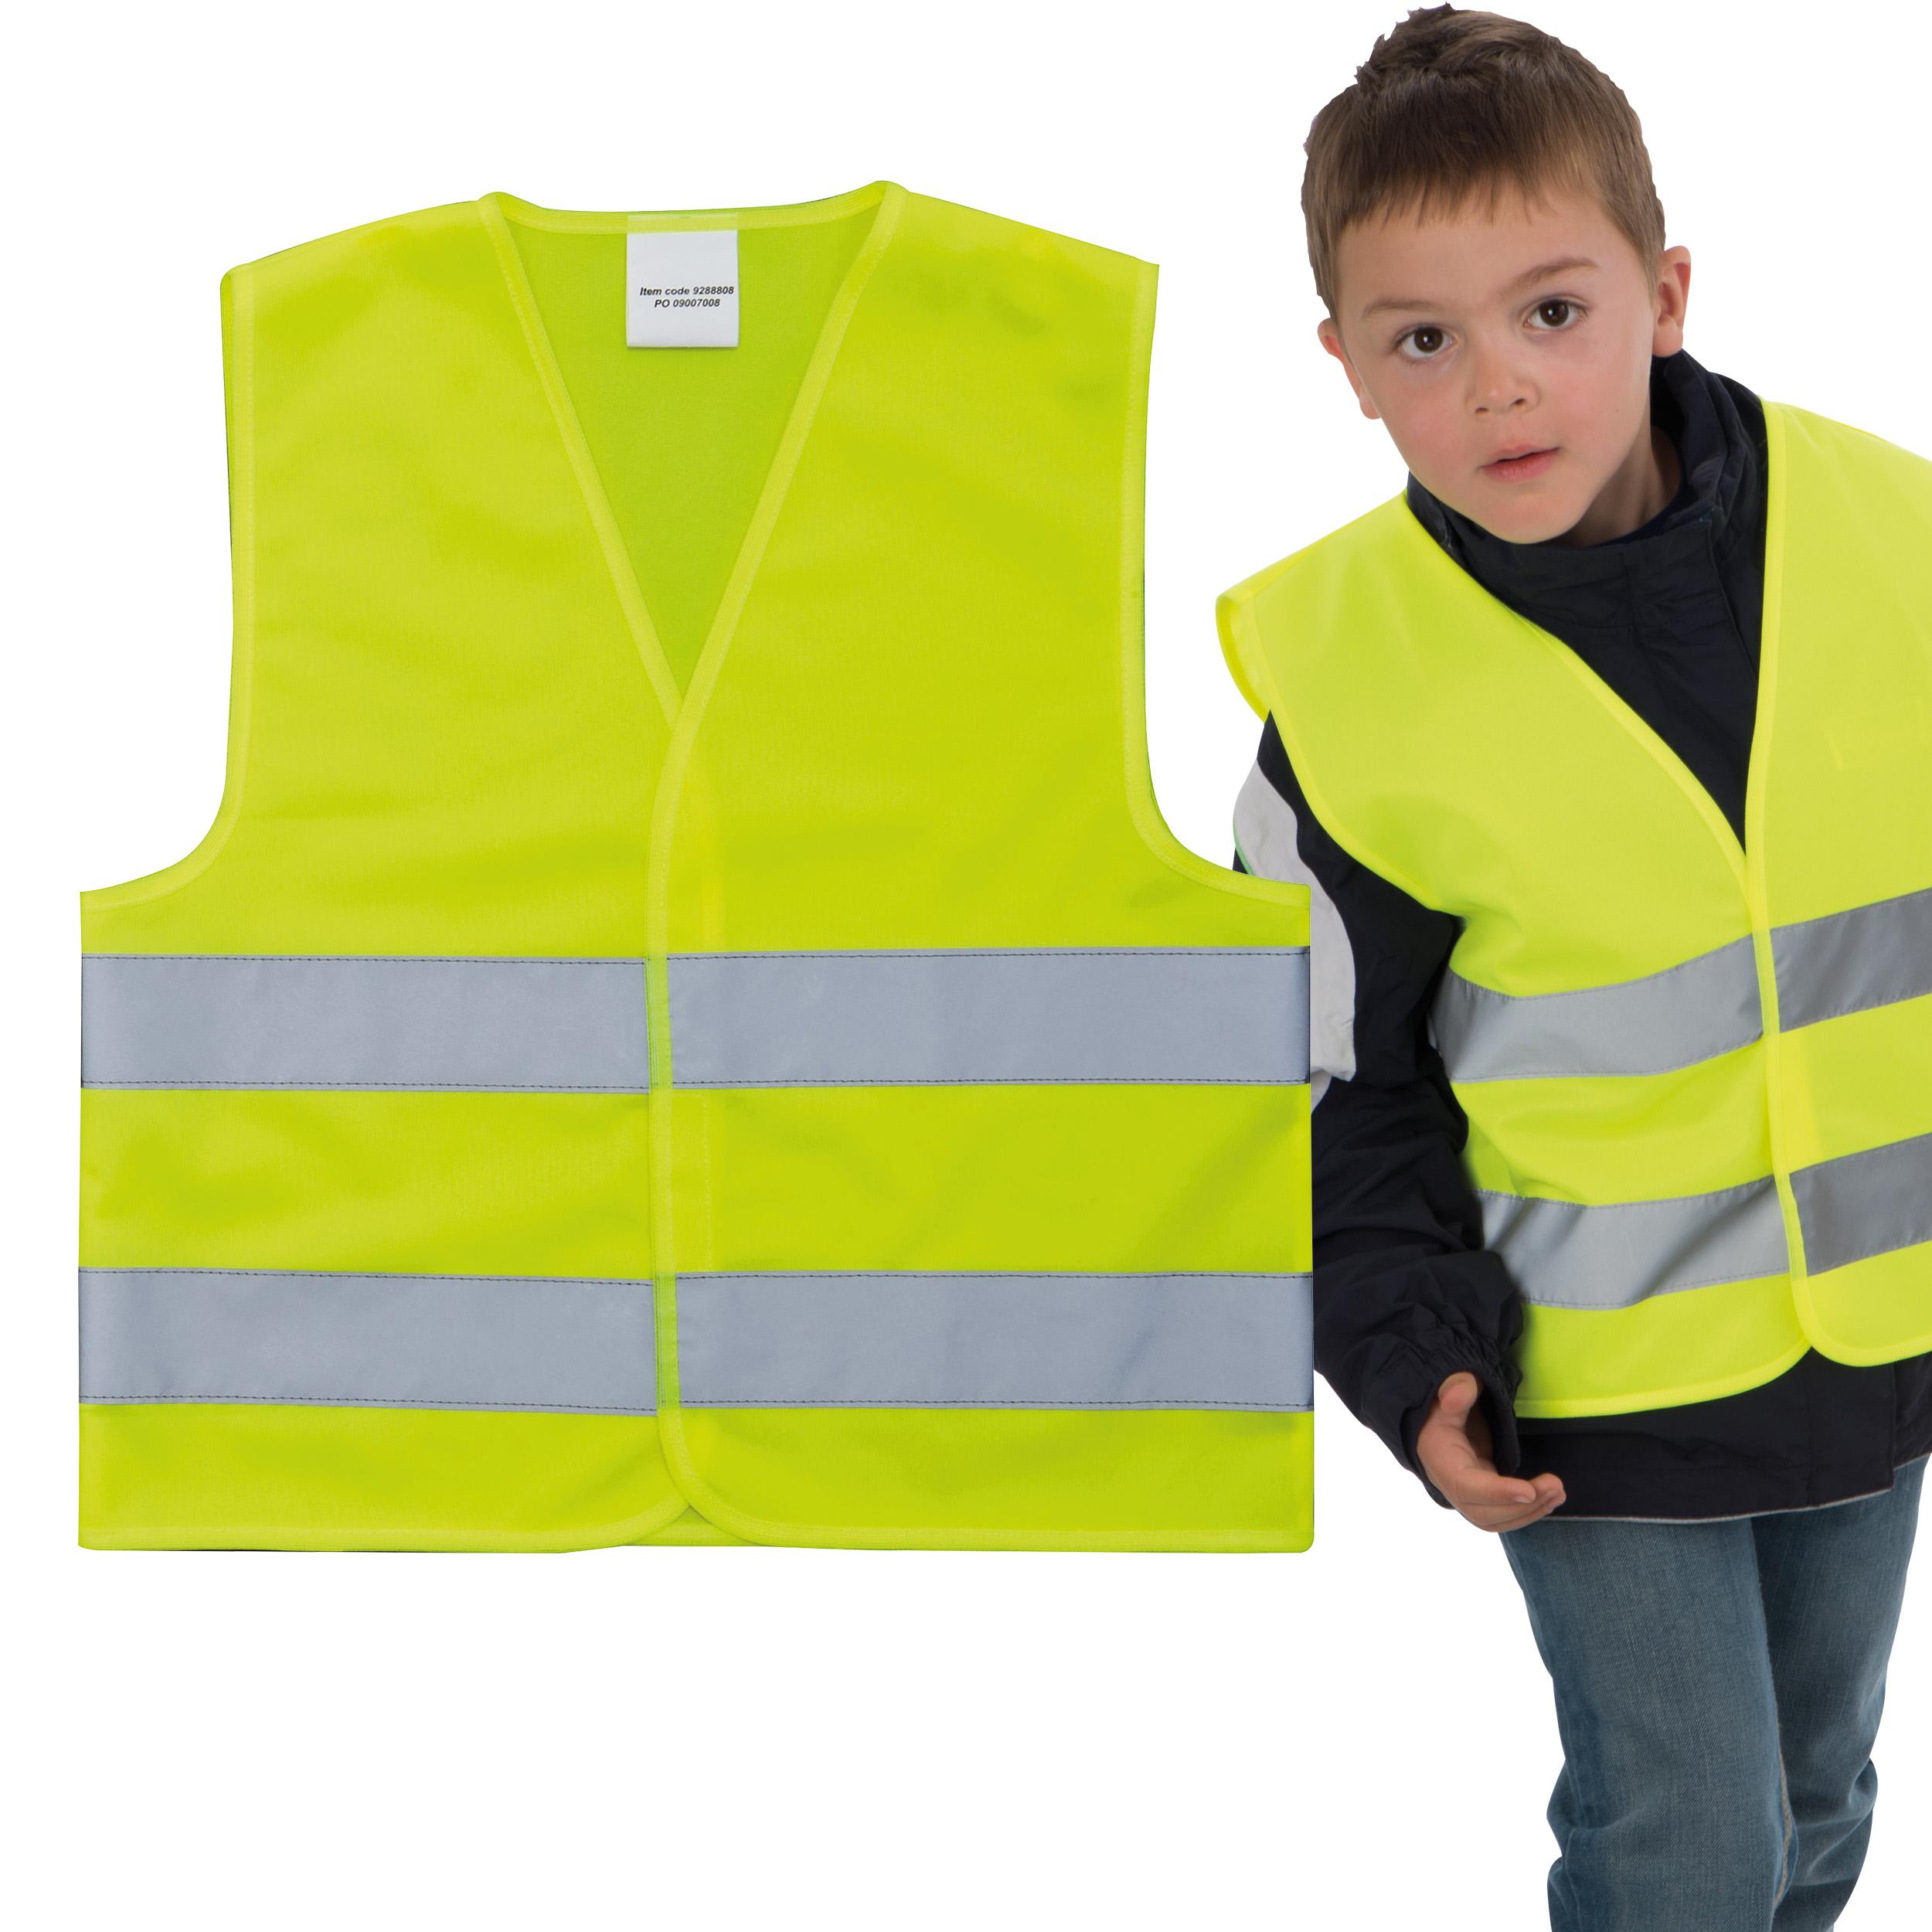 Kindersicherheitsweste EN 1150:1999